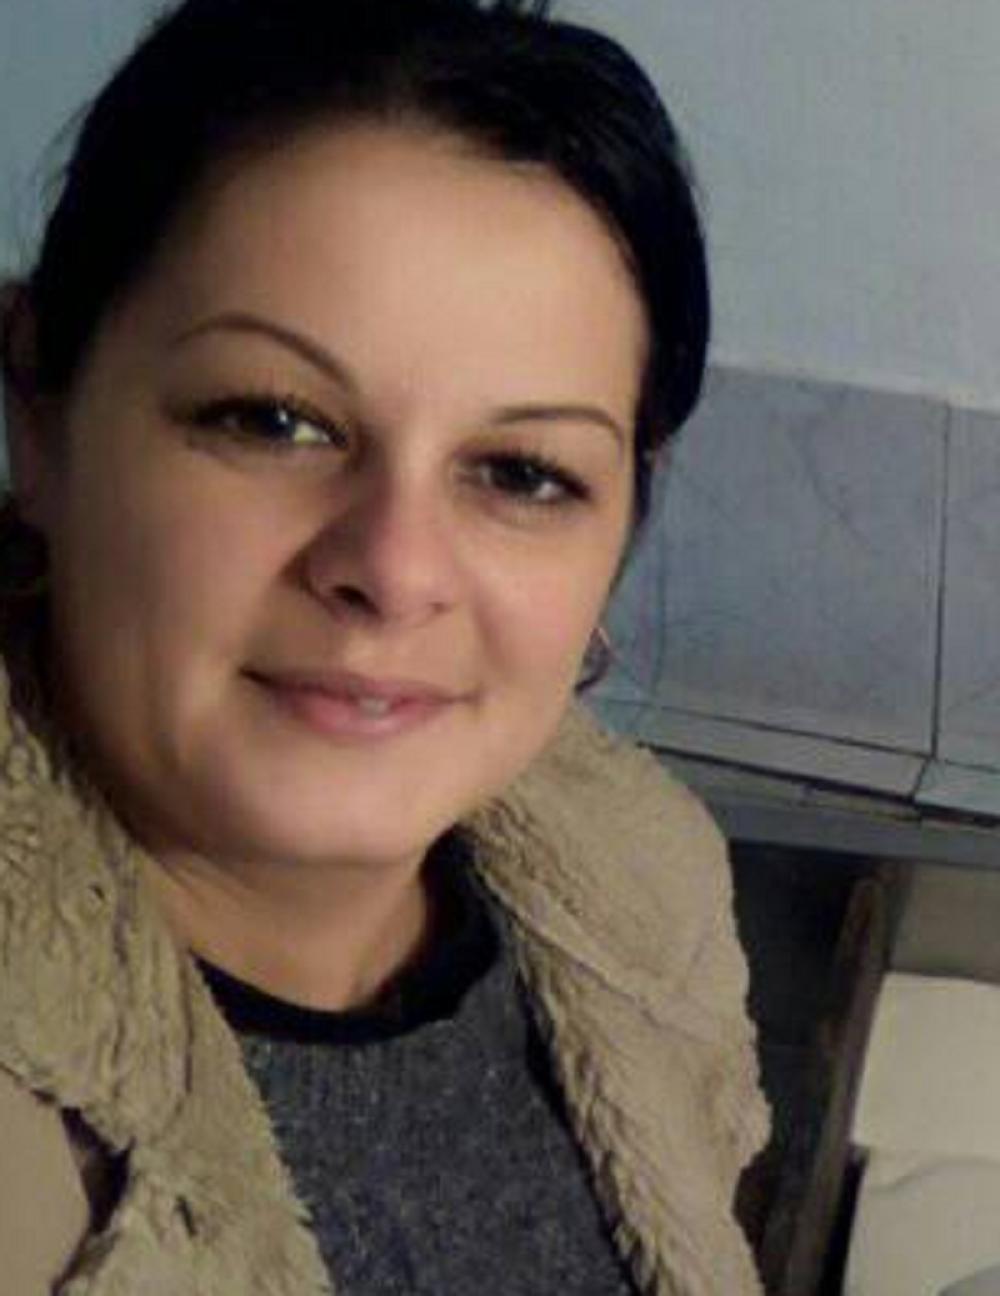 Najbolja aplikacija za lezbijska druženja u Zaprešić Hrvatska